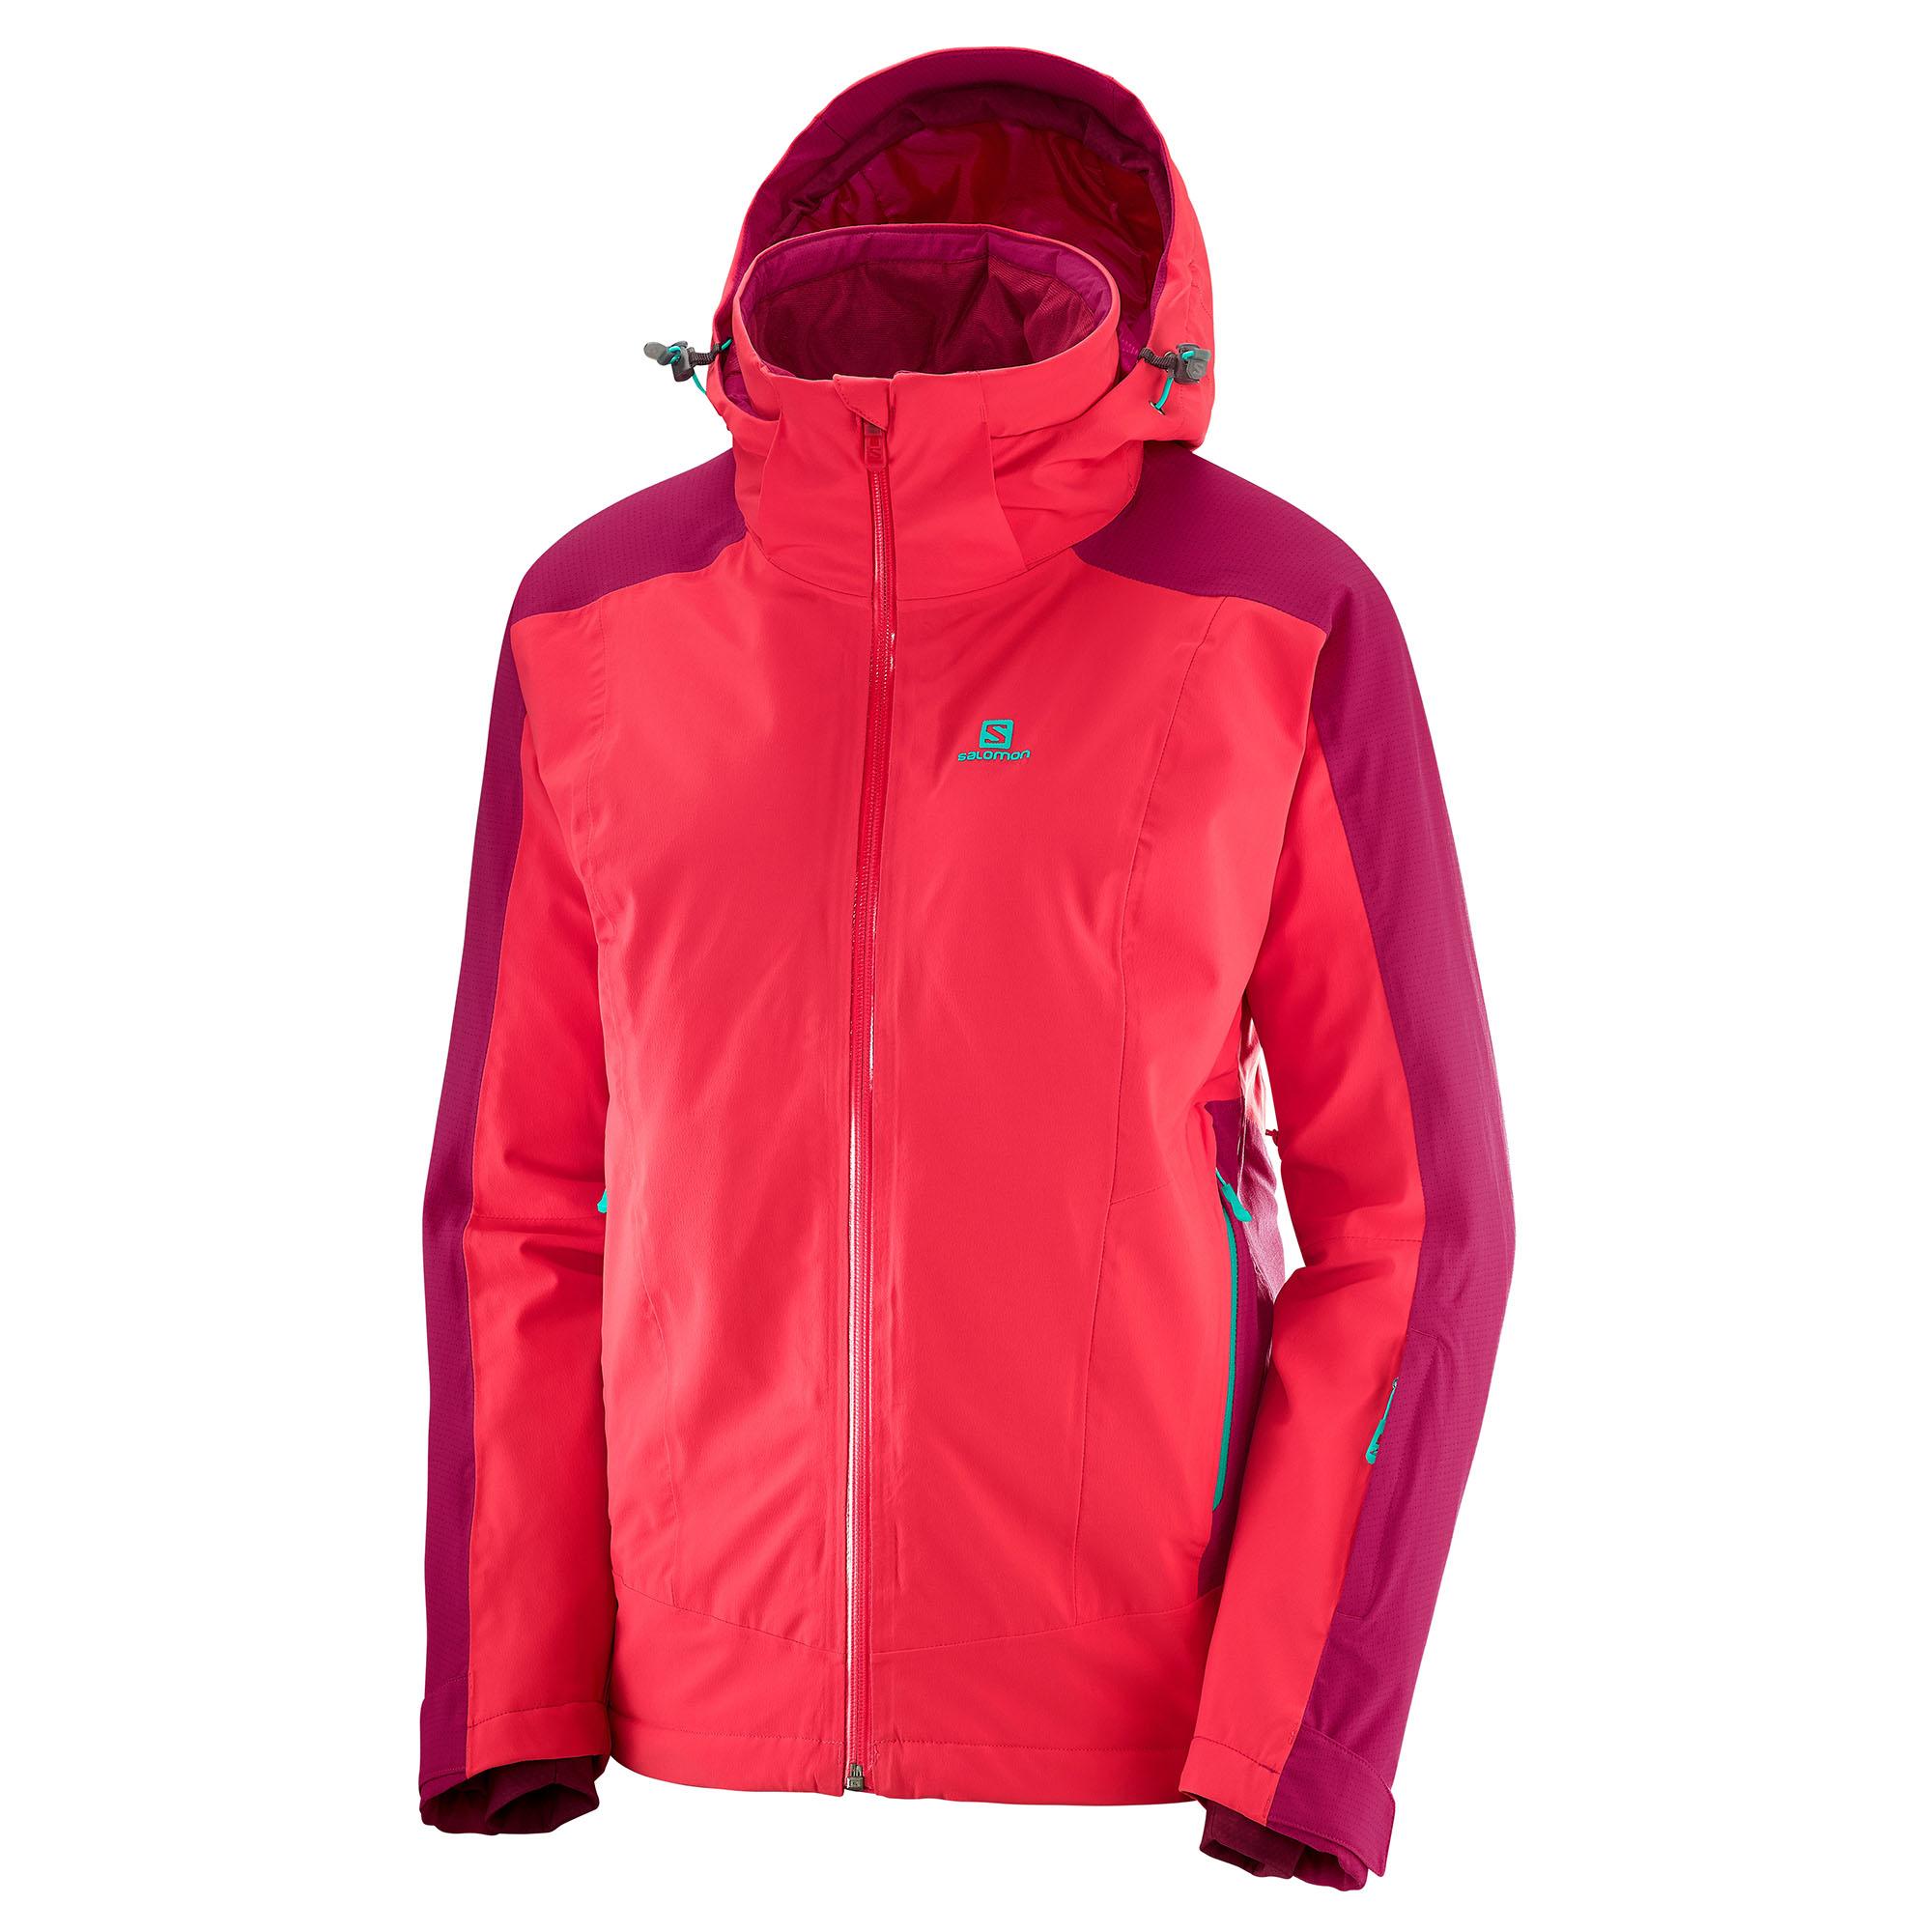 Salomon Women's Brilliant Ski Jacket, HibiscusCerise